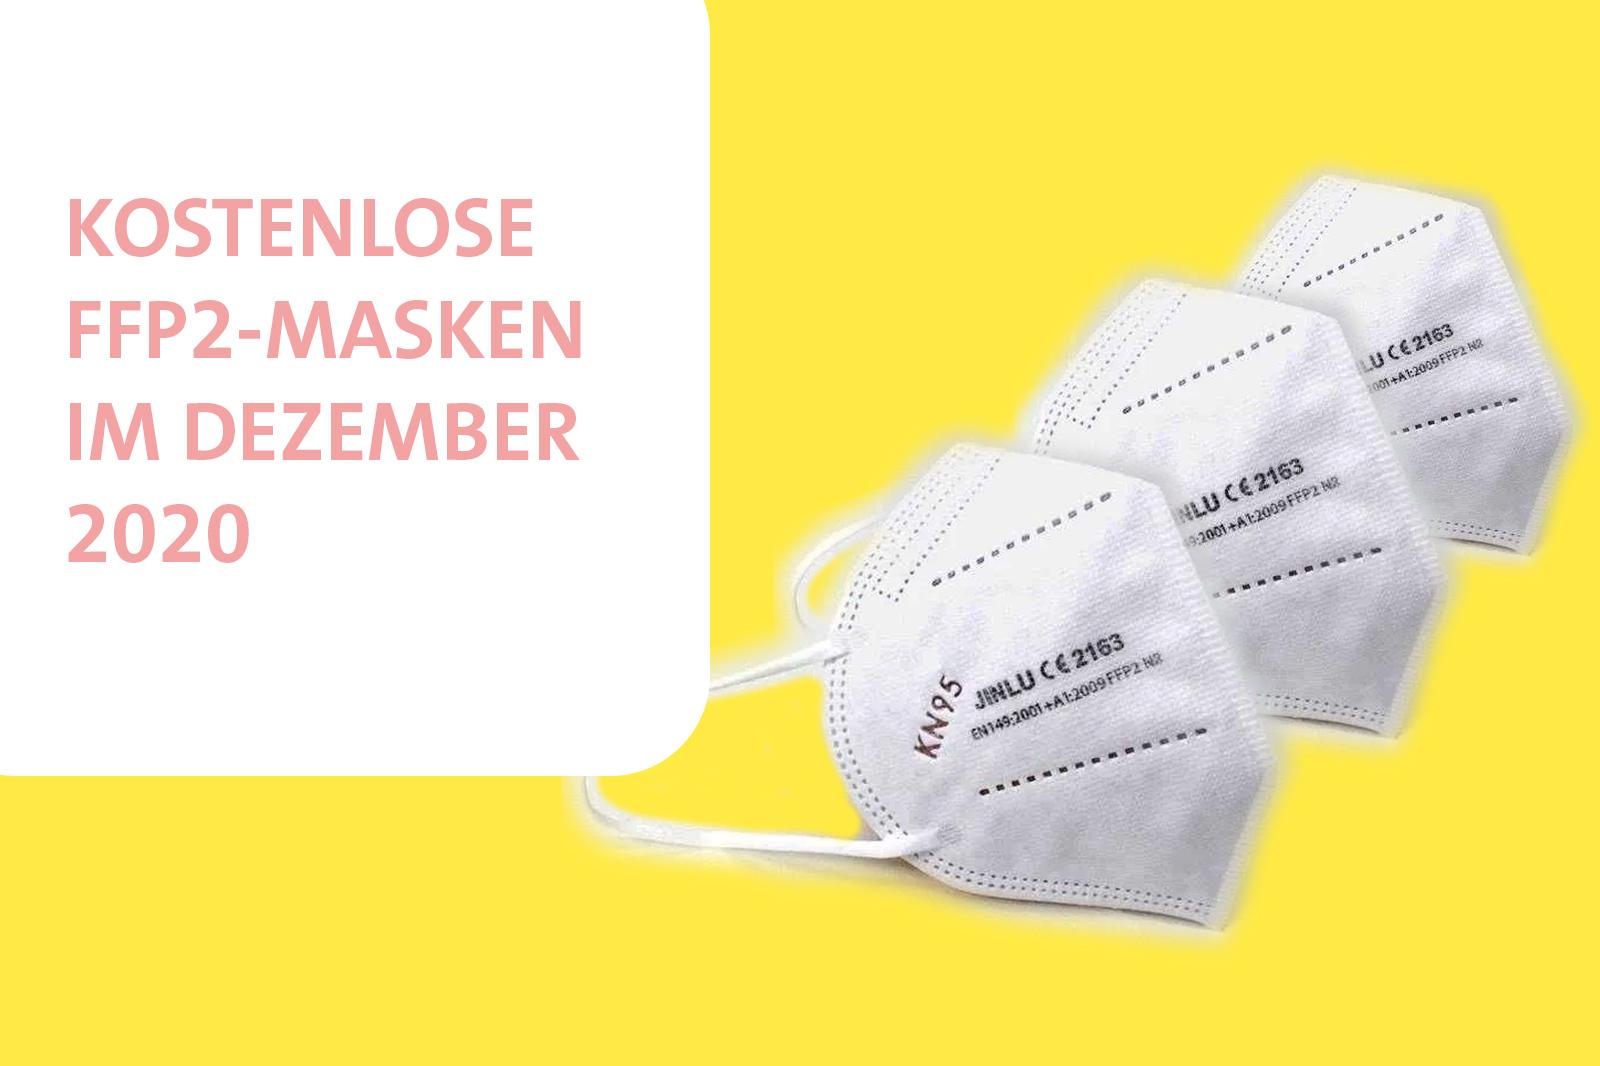 Kostenlose FFP2-Masken